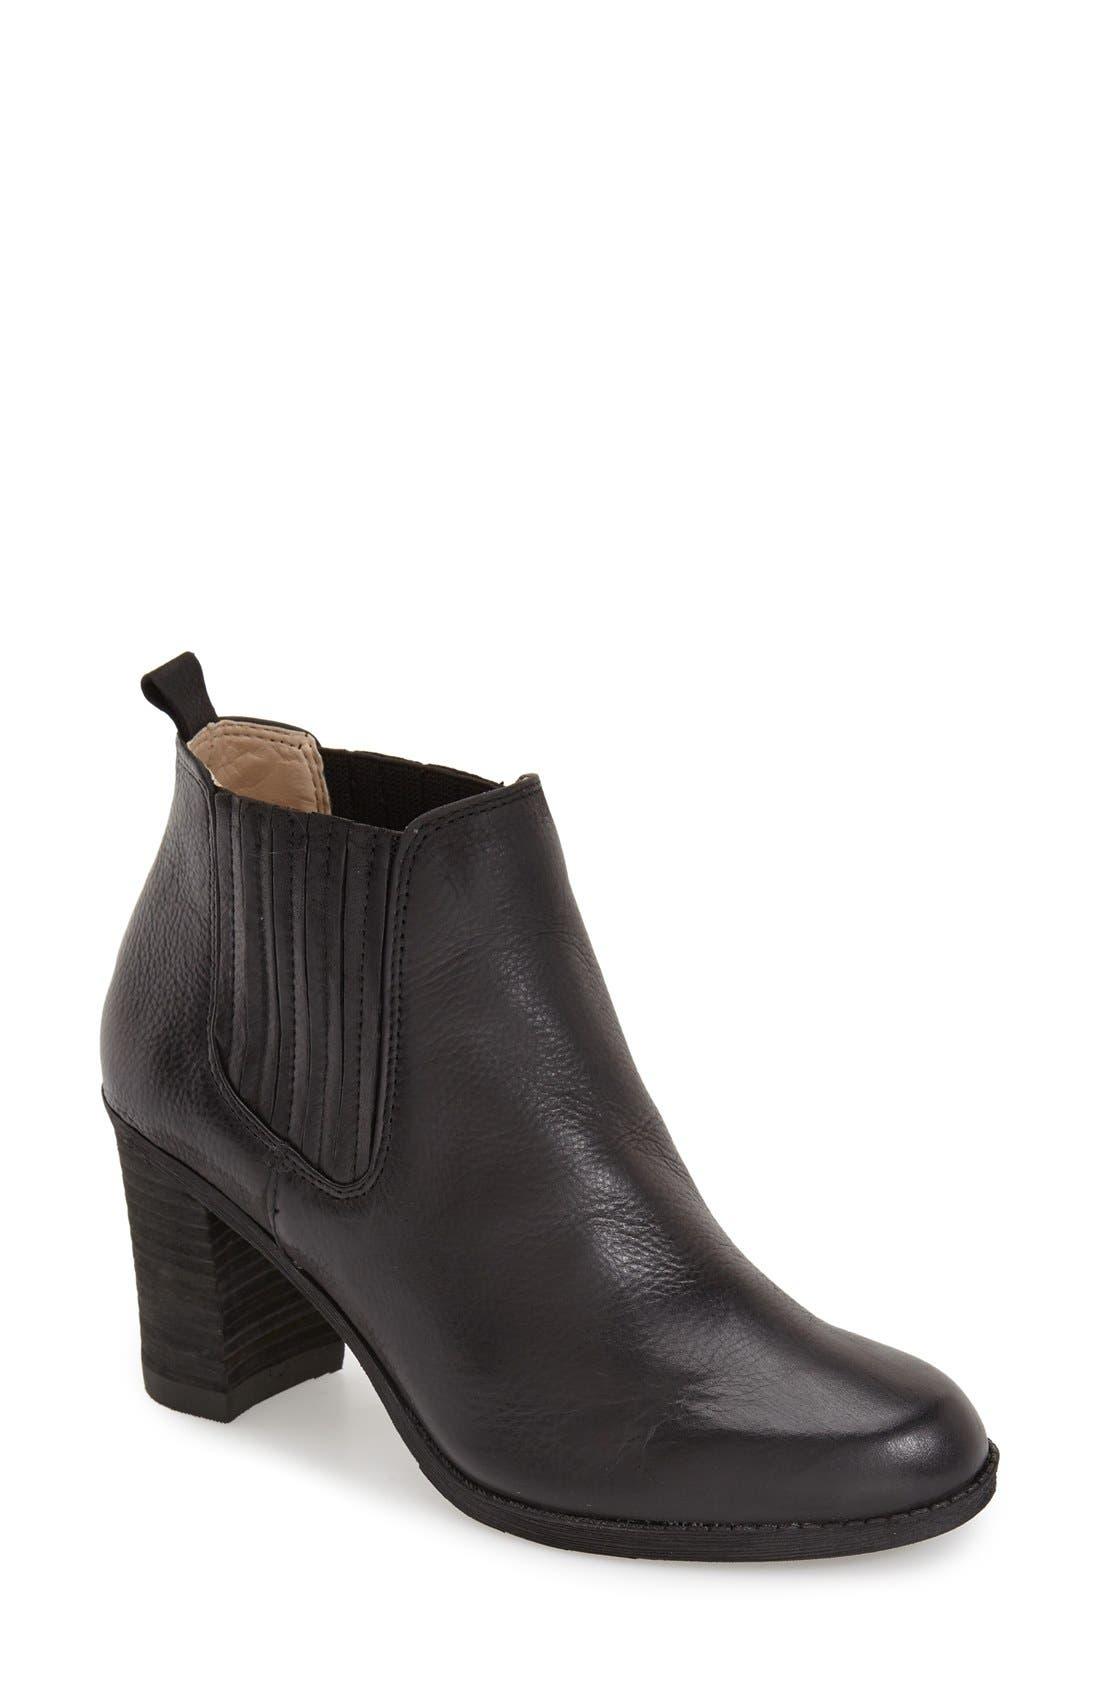 Main Image - Dr. Scholl's Original Collection 'London' Block Heel Bootie (Women)